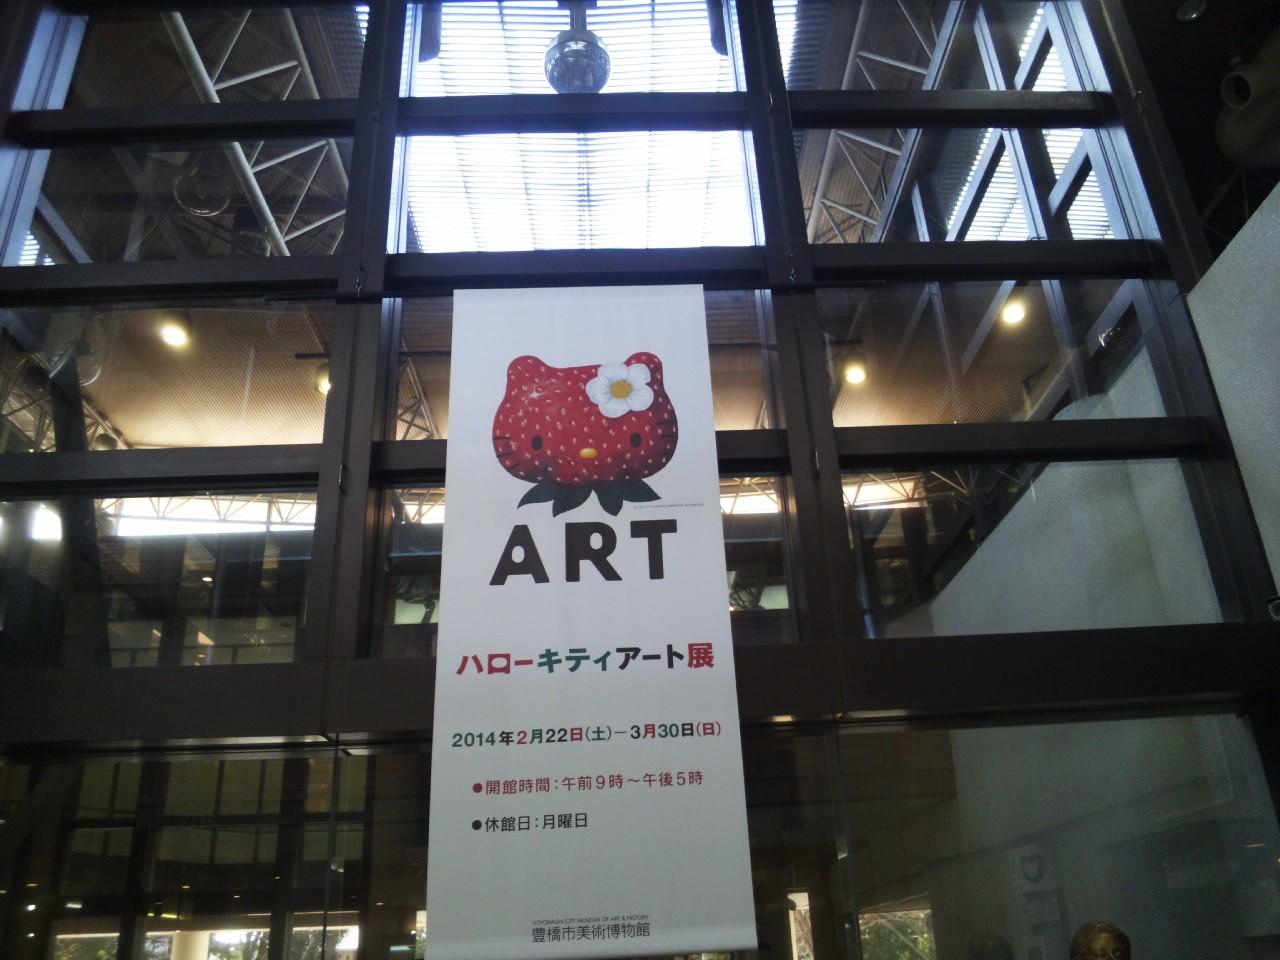 豊橋市美術博物館ありがとう!